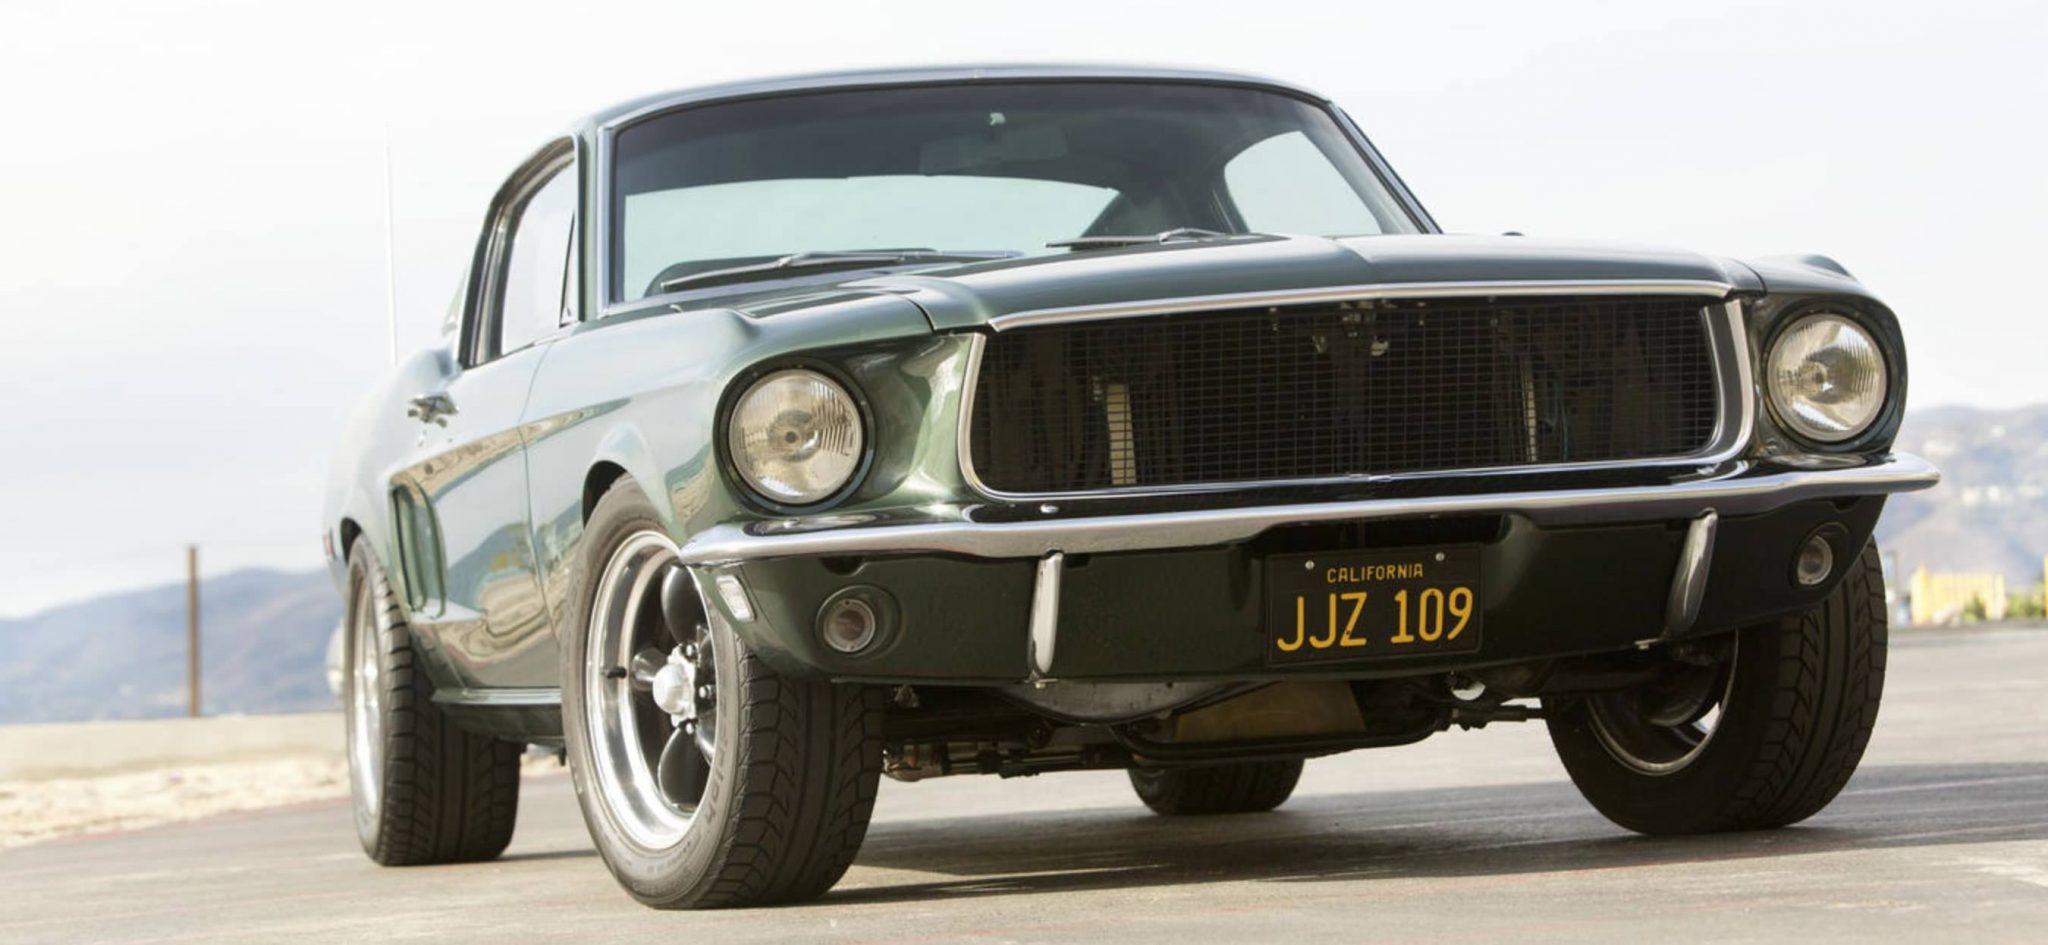 The Quot Bullitt Quot Mustang